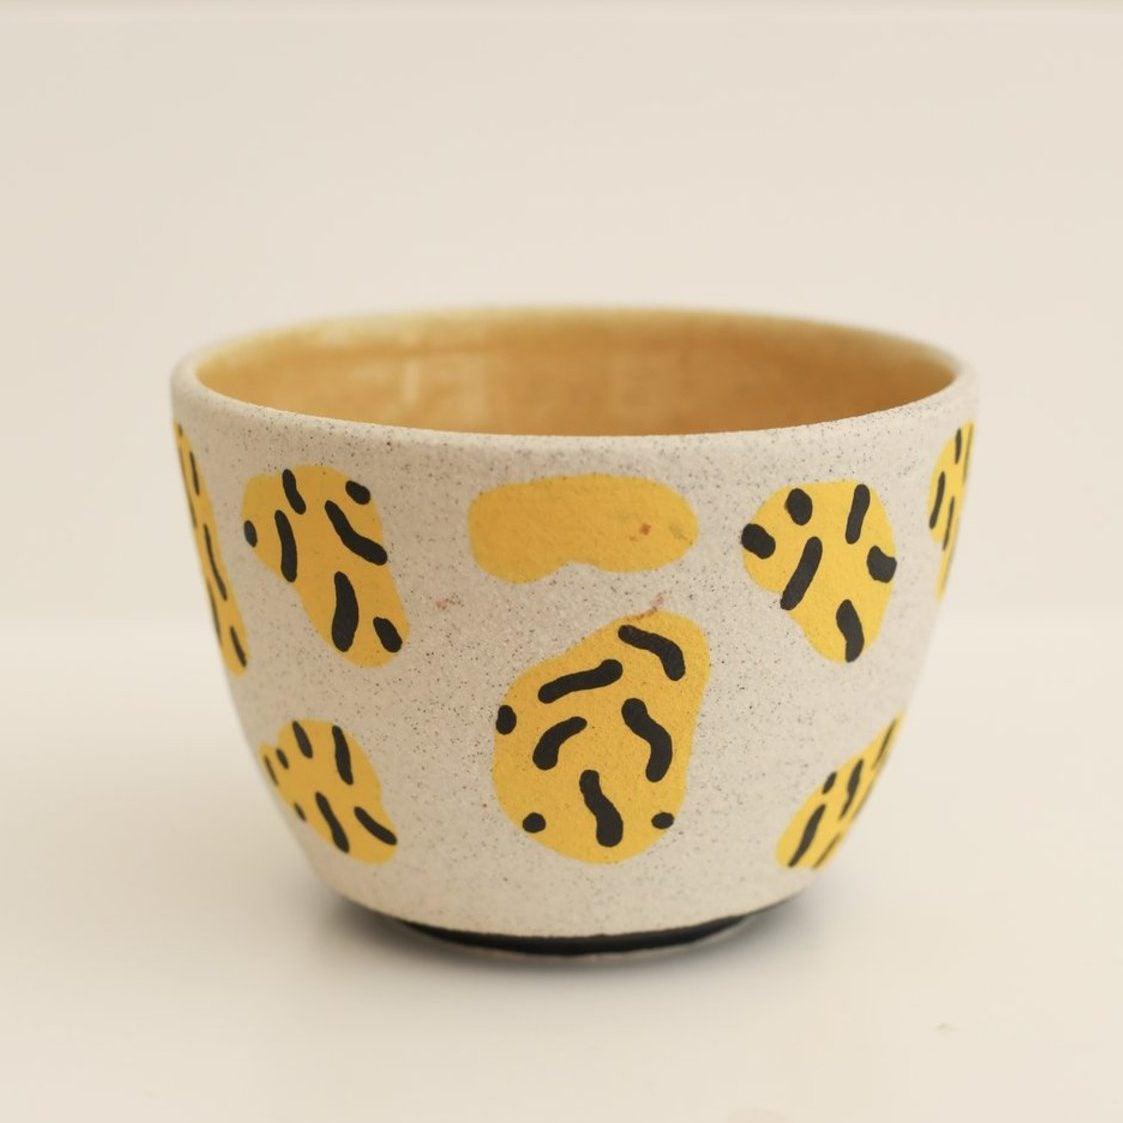 Kidtofer-Ceramic-Bowl-20190830200333